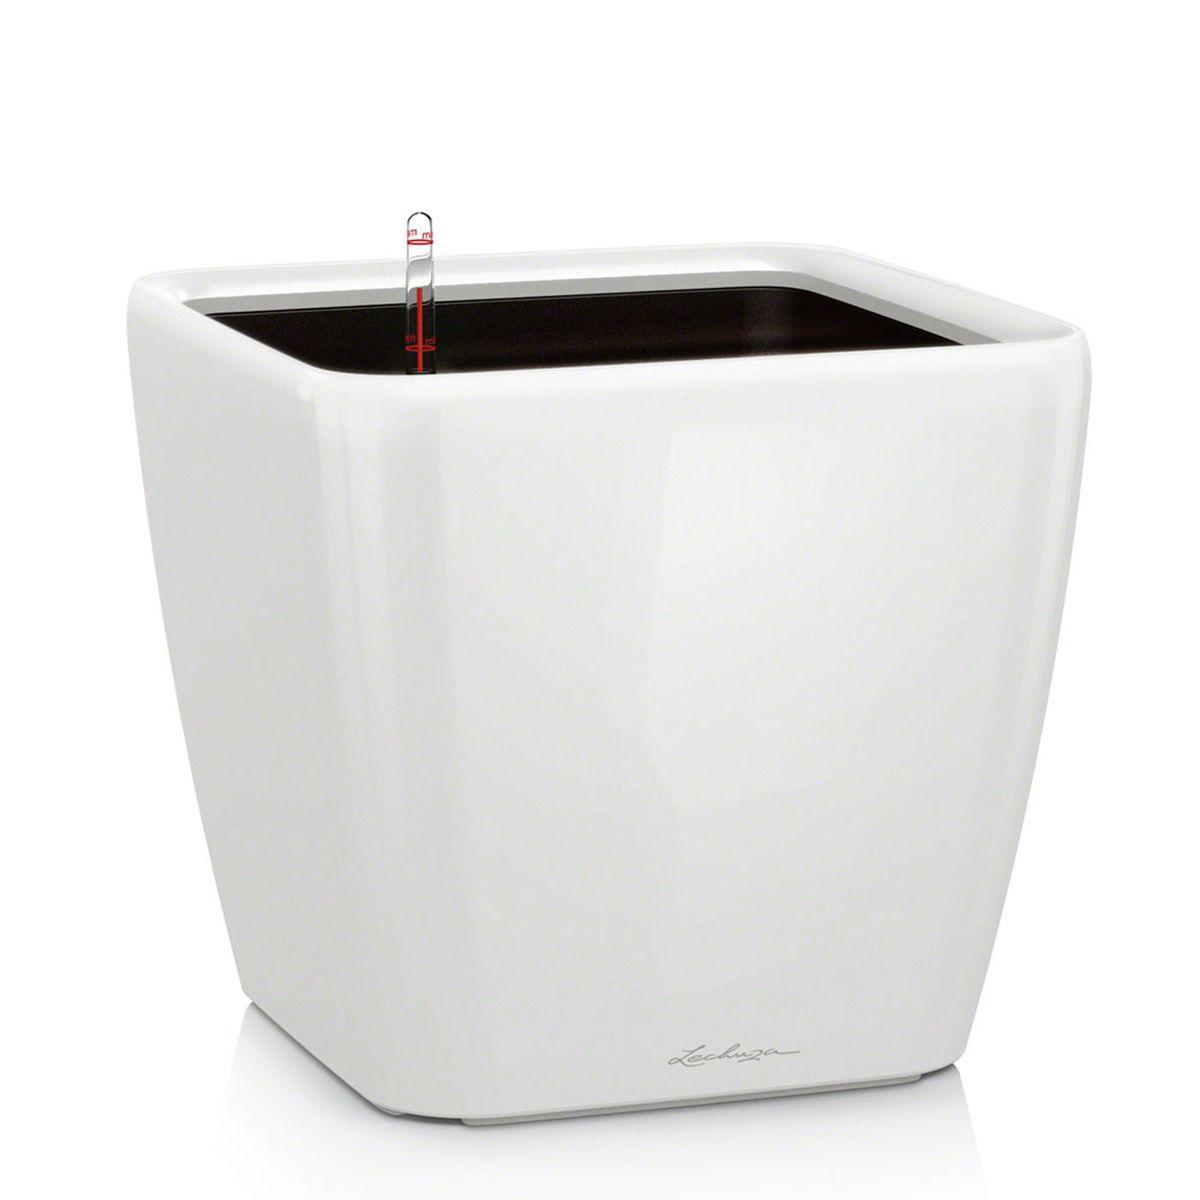 Кашпо Lechuza Quadro, с системой автополива, цвет: белый, 50 х 50 х 47 см16280Кашпо Lechuza Quadro, выполненное из высококачественного пластика, имеет уникальную систему автополива, благодаря которой корневая система растения непрерывно снабжается влагой из резервуара. Уровень воды в резервуаре контролируется с помощью специального индикатора. В зависимости от размера кашпо и растения воды хватает на 2-12 недель. Это способствует хорошему росту цветов и предотвращает переувлажнение.В набор входит: кашпо, внутренний горшок с выдвижной эргономичной ручкой, индикатор уровня воды, вал подачи воды, субстрат растений в качестве дренажного слоя, резервуар для воды.Кашпо Lechuza Quadro прекрасно впишется в любой интерьер. Оно поможет расставить нужные акценты, а также придаст помещению вид, соответствующий вашим представлениям.